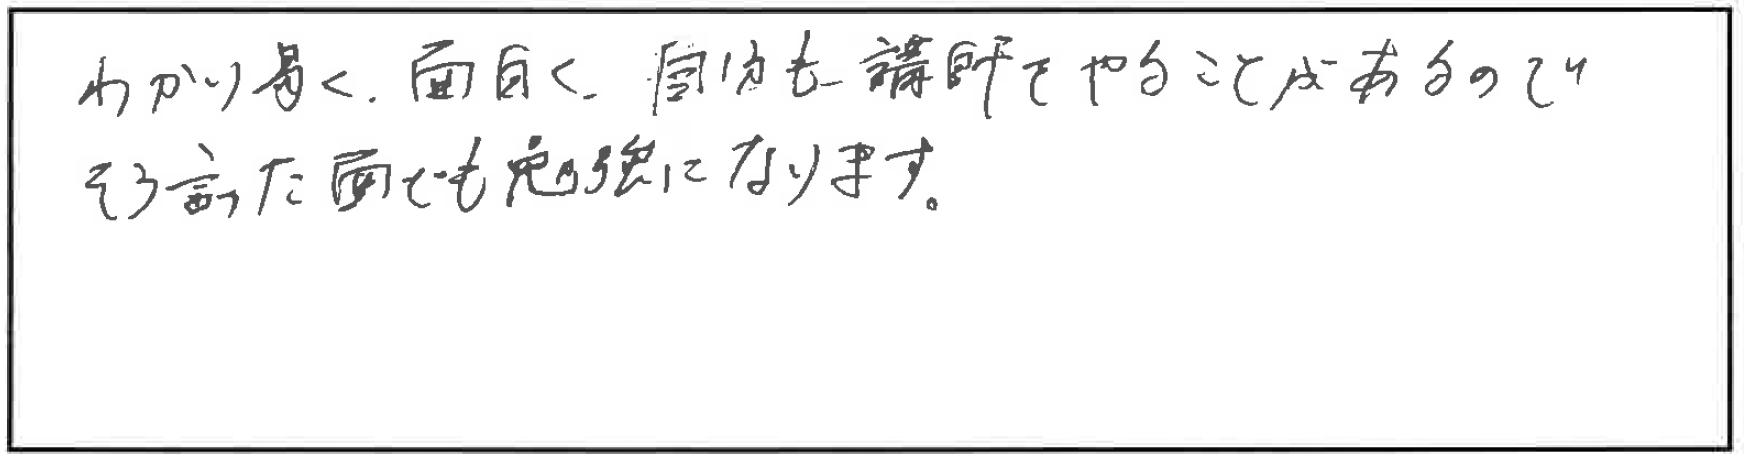 吉澤塾 半年コースの参加者の声画像293